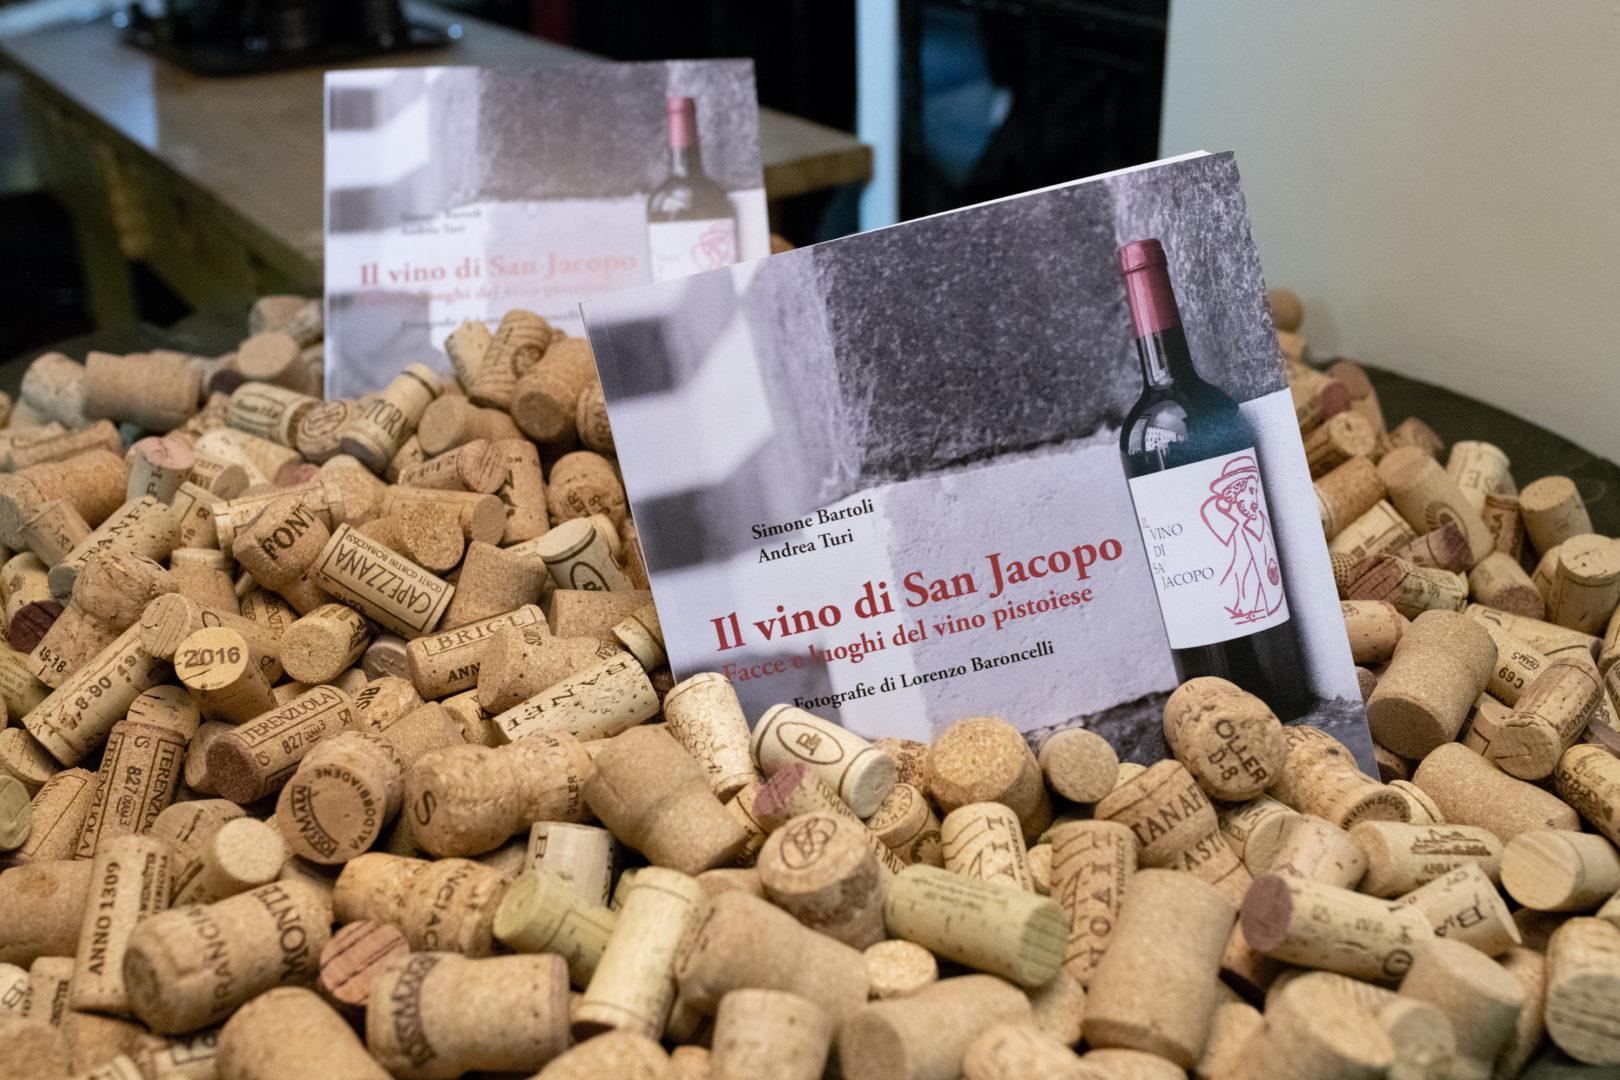 Esce 'Il vino di San jacopo', un diario di viaggio, scritto e fotografico, tra wine, food e tradizioni